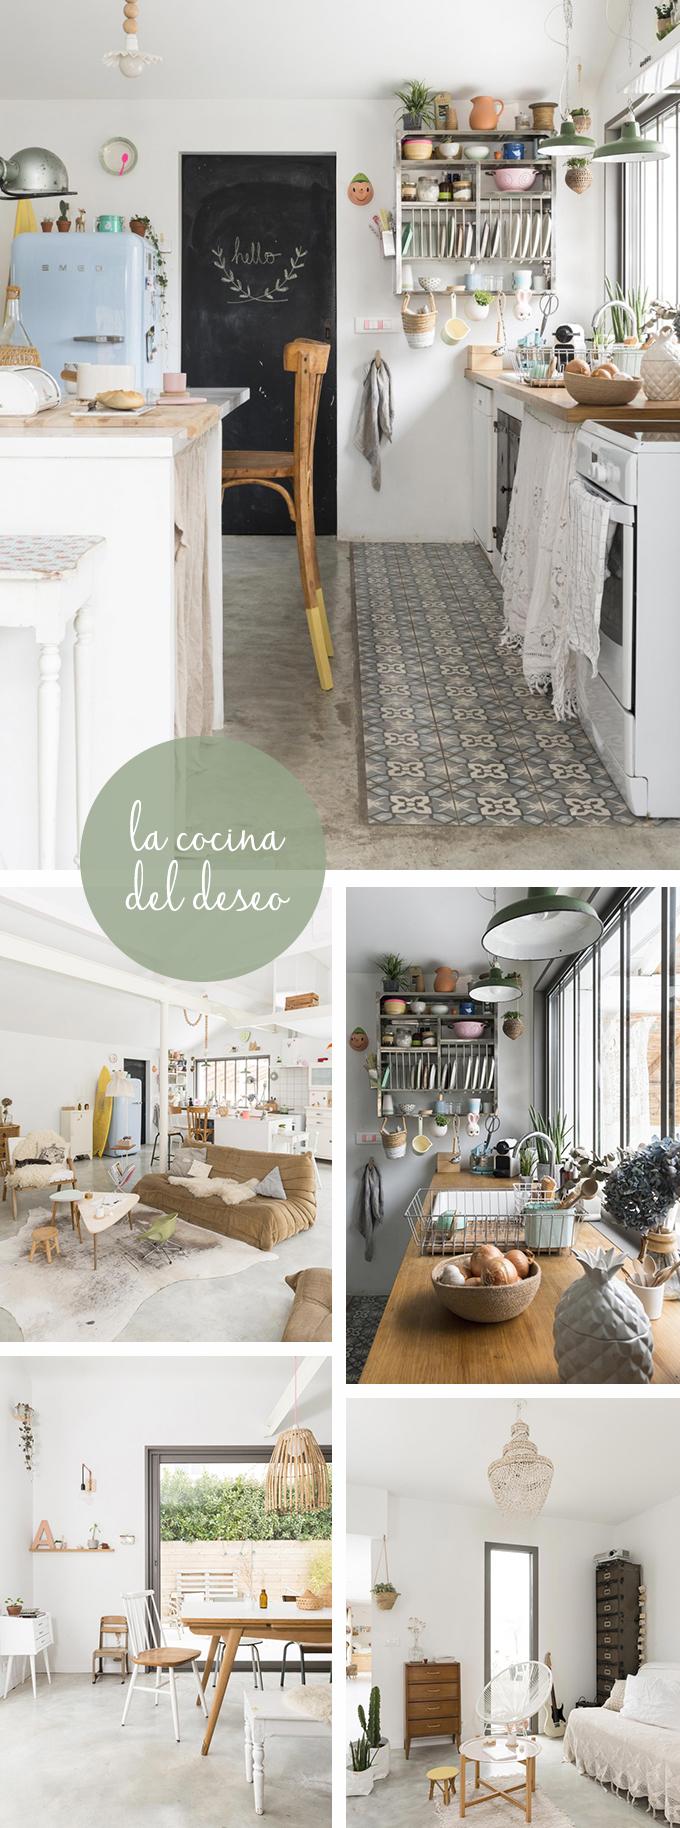 casa bonita francesa1